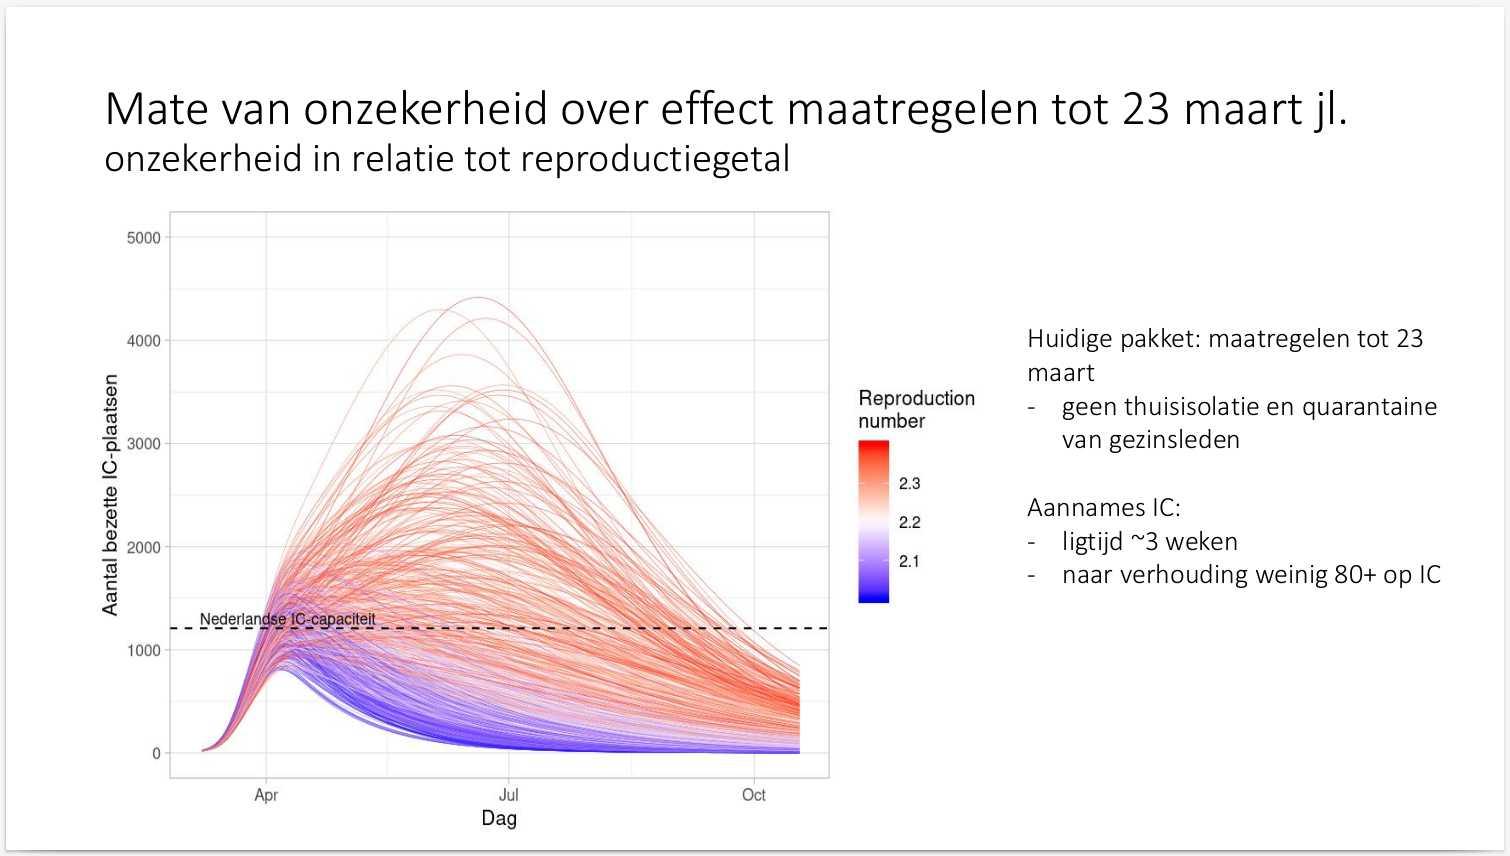 Результат моделирования эффекта превентивных мер в зависимости от R₀. Слайд из презентации CIB.